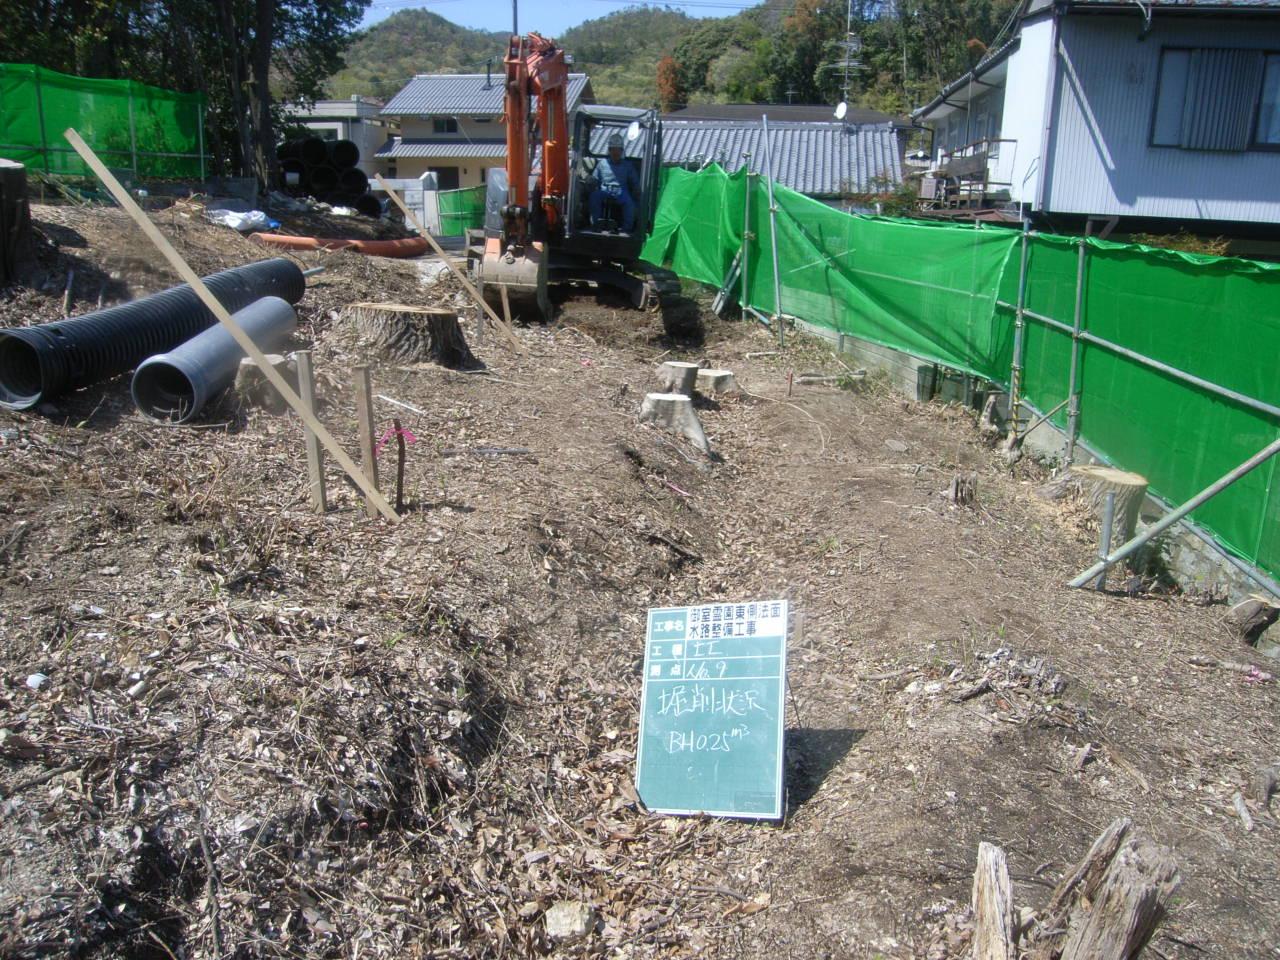 御室霊園東側法面・水路整備工事  右京区御室大内34-1ほか地内 R3.3.31まで